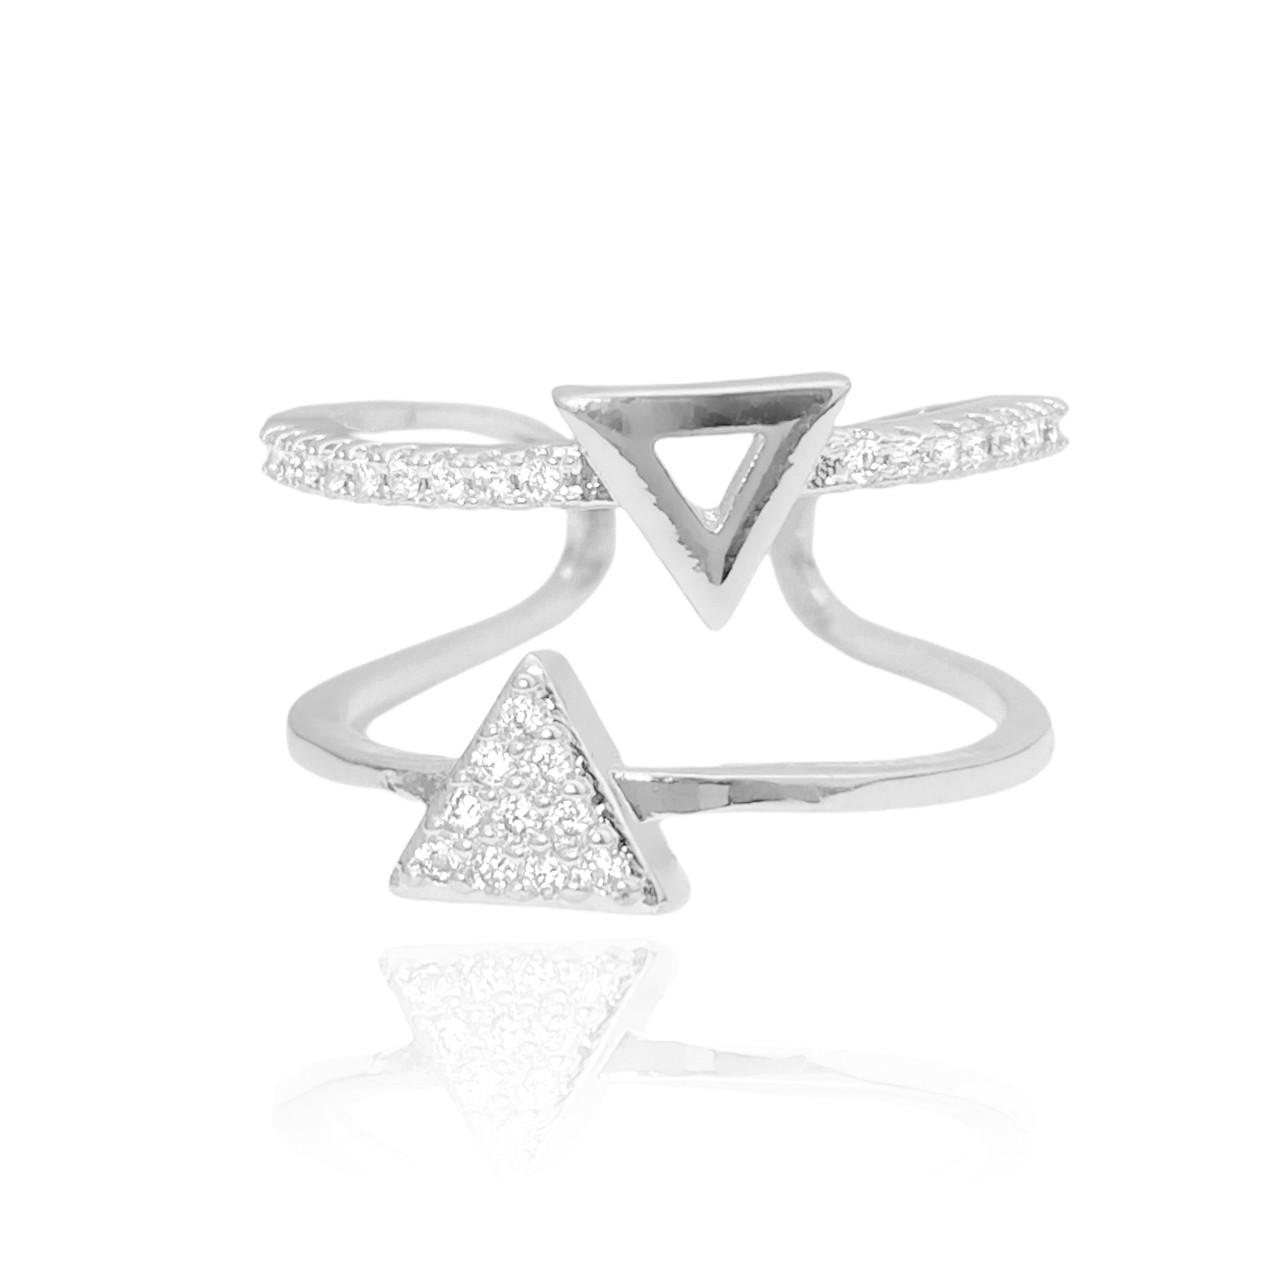 Anel Duplo Triângulo Cravejado em Zircônia (Ajustável) (Banho Prata 925)